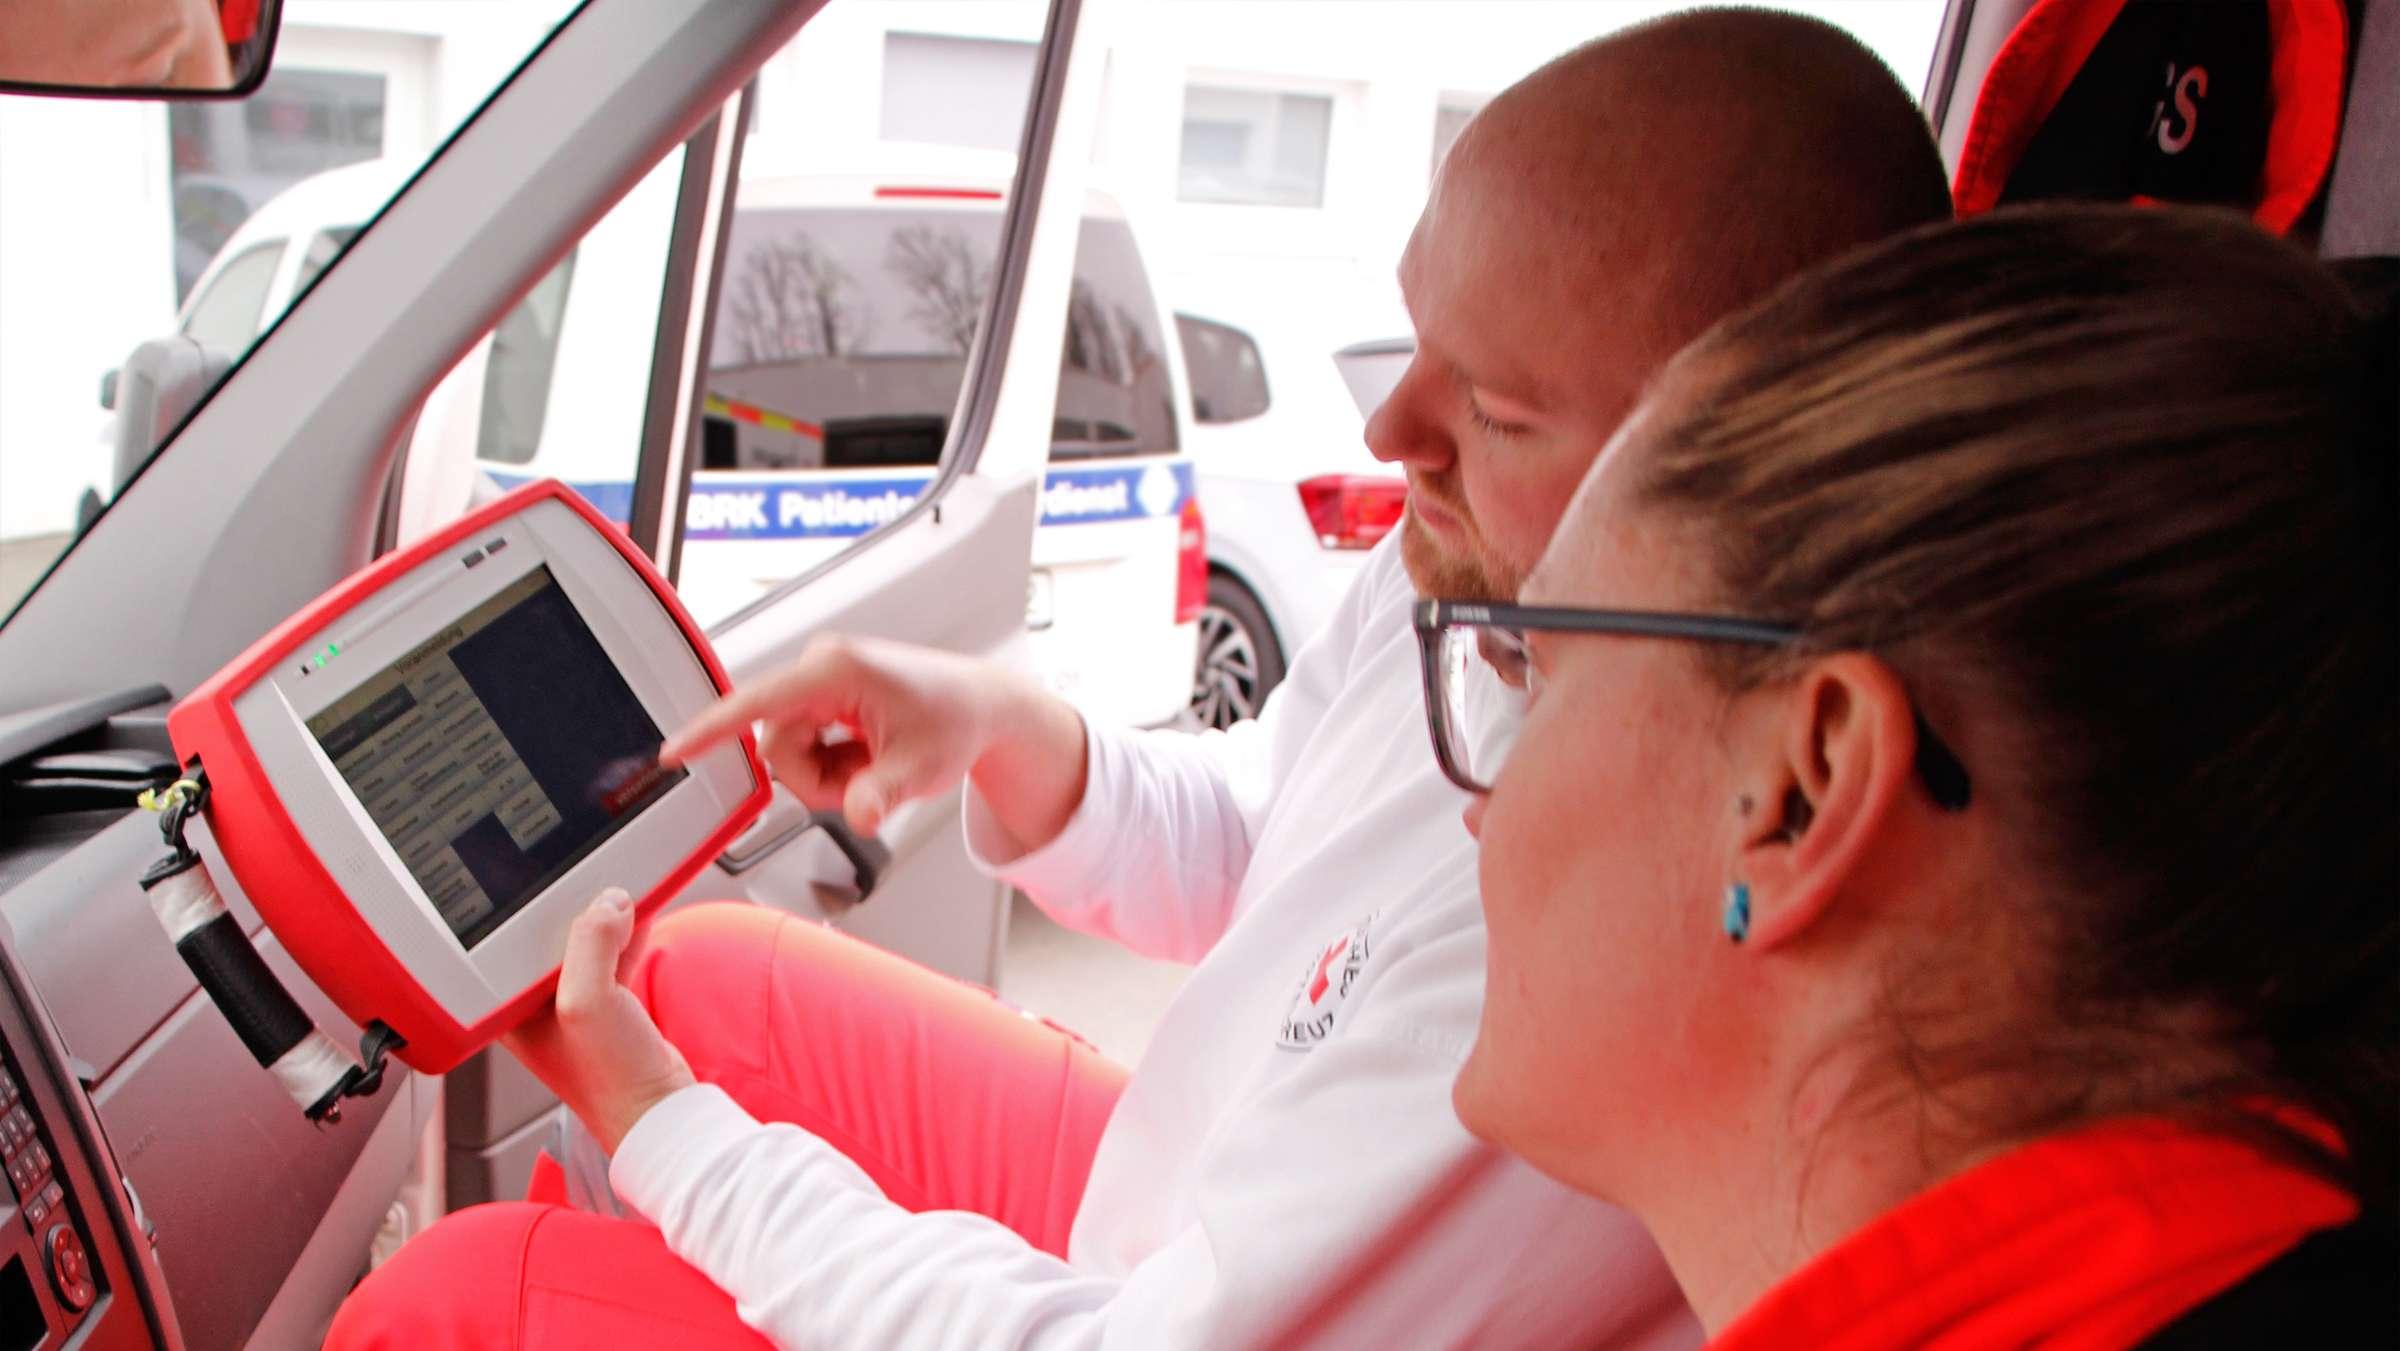 Zwei Sanitäter sitzen in einem Krankenwagen und bedienen ein Tablet.